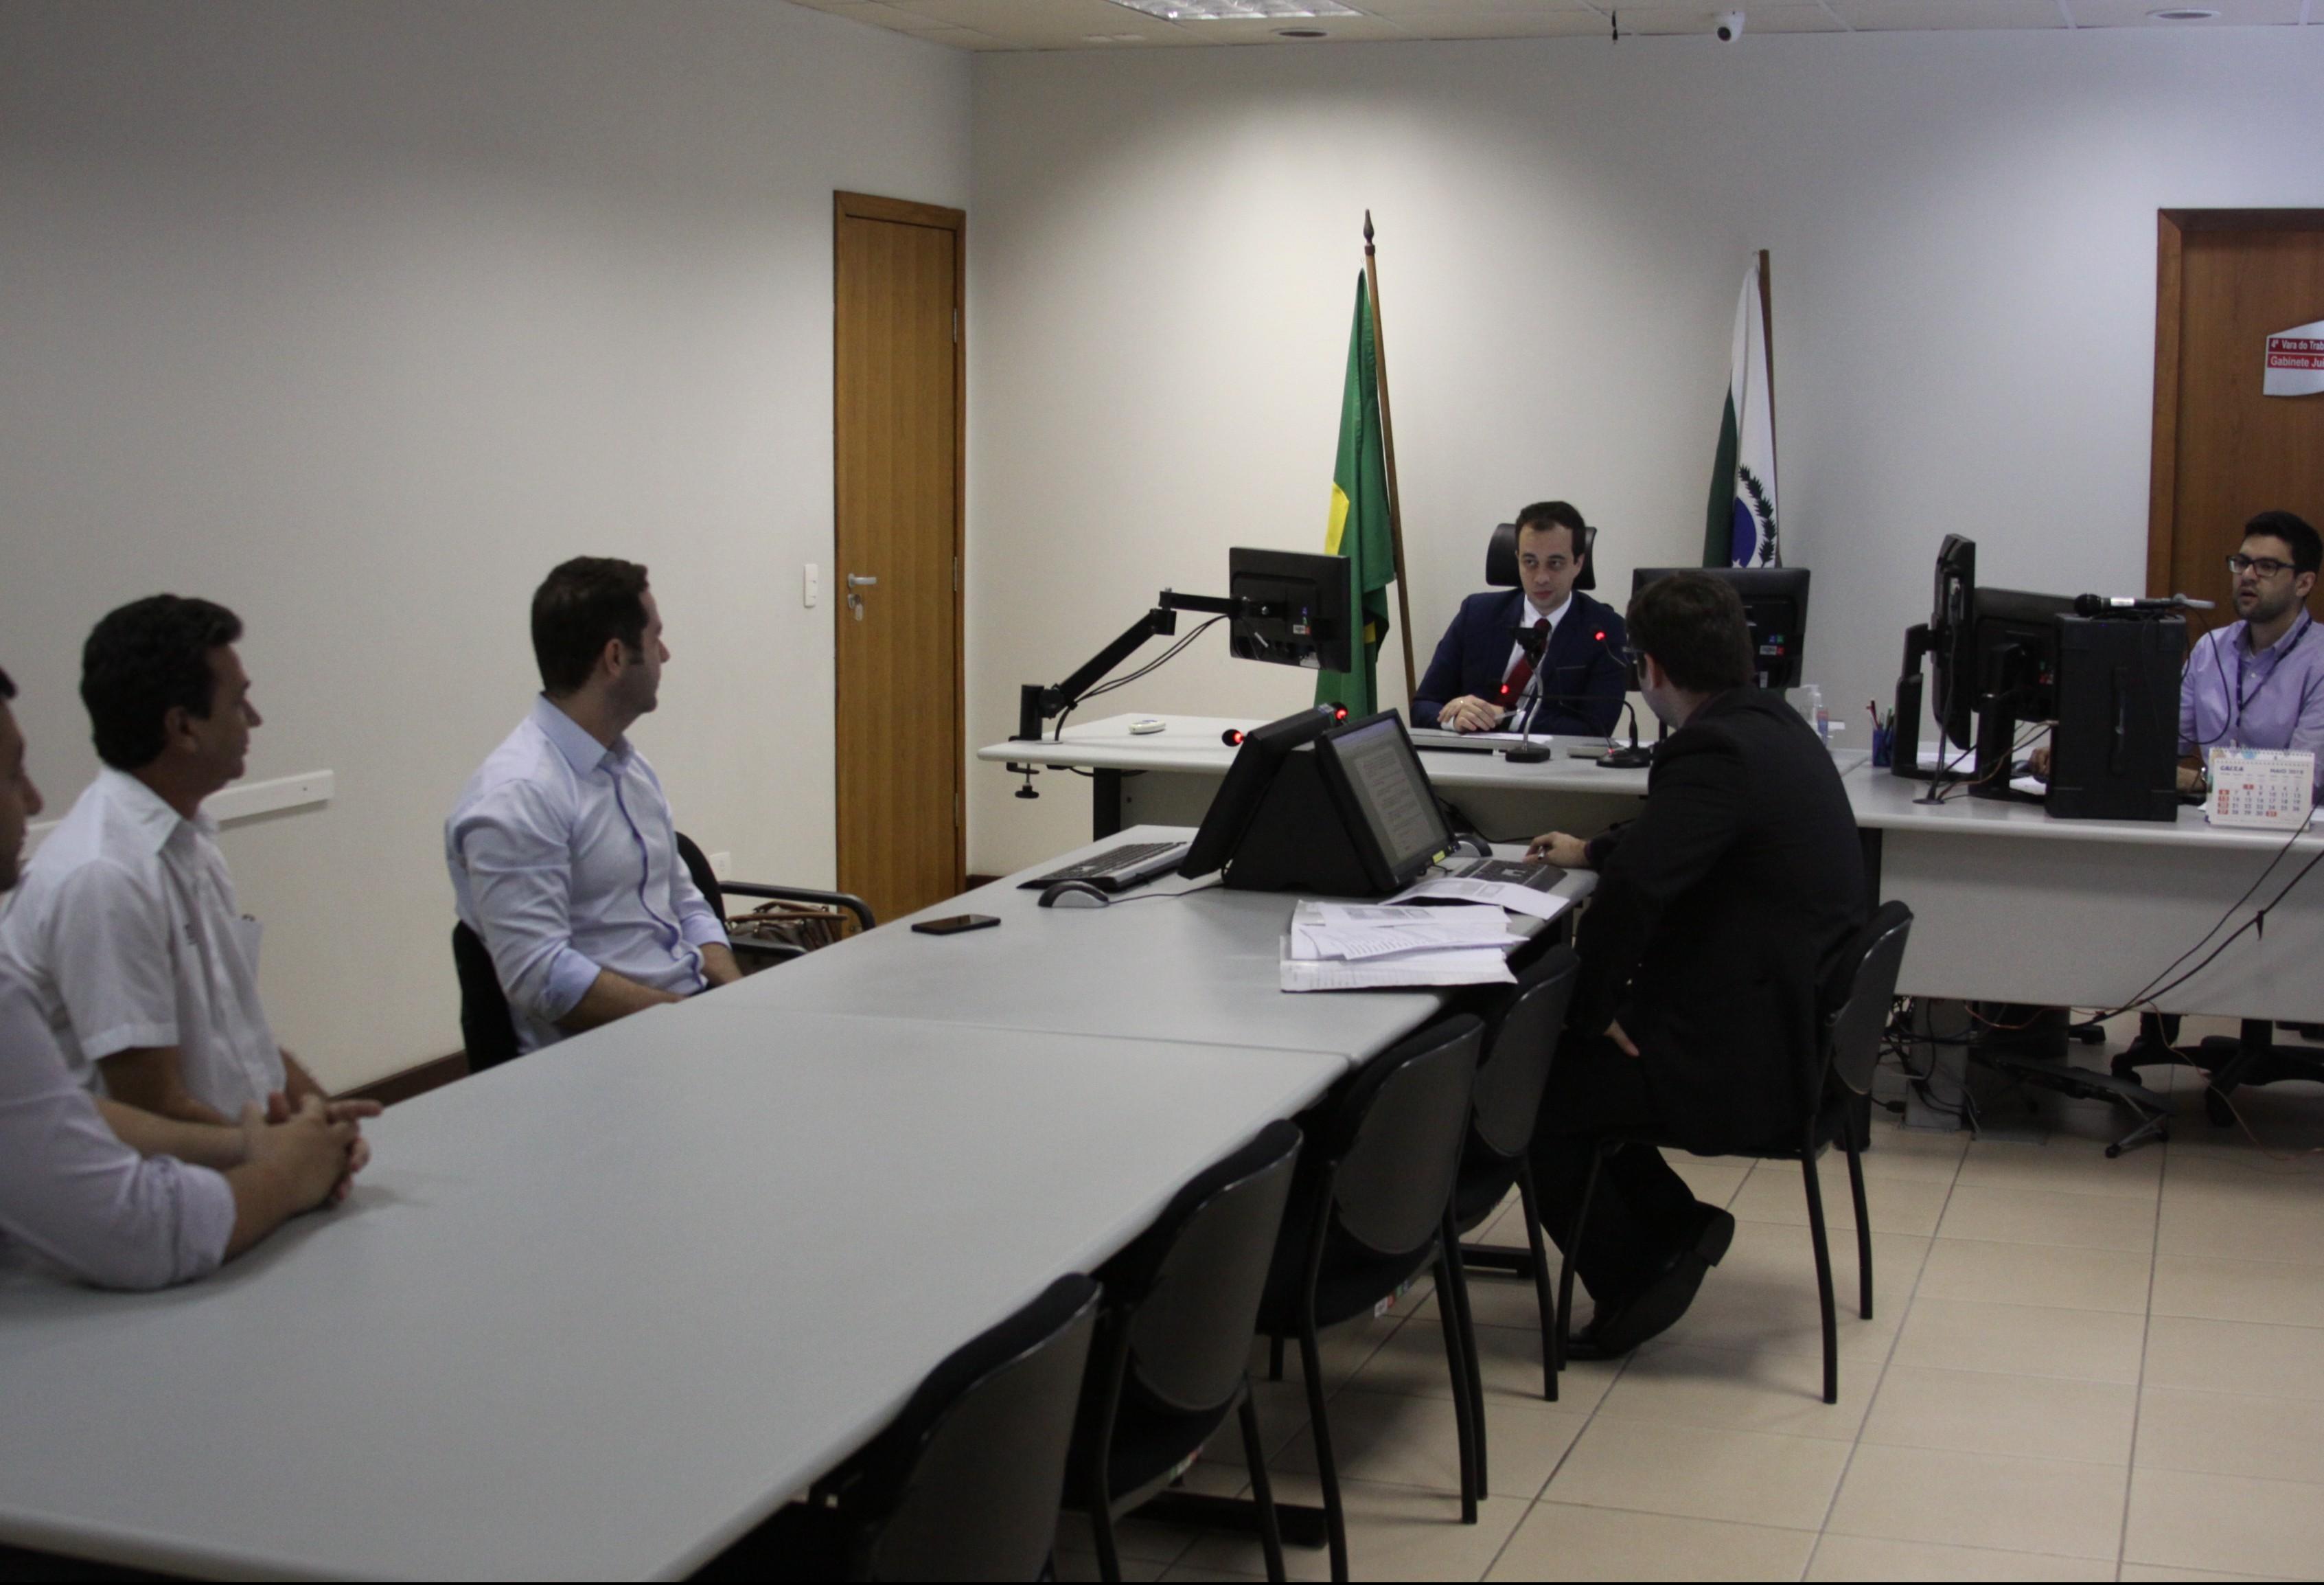 Justiça do Trabalho registra redução de 40% em processos em Maringá